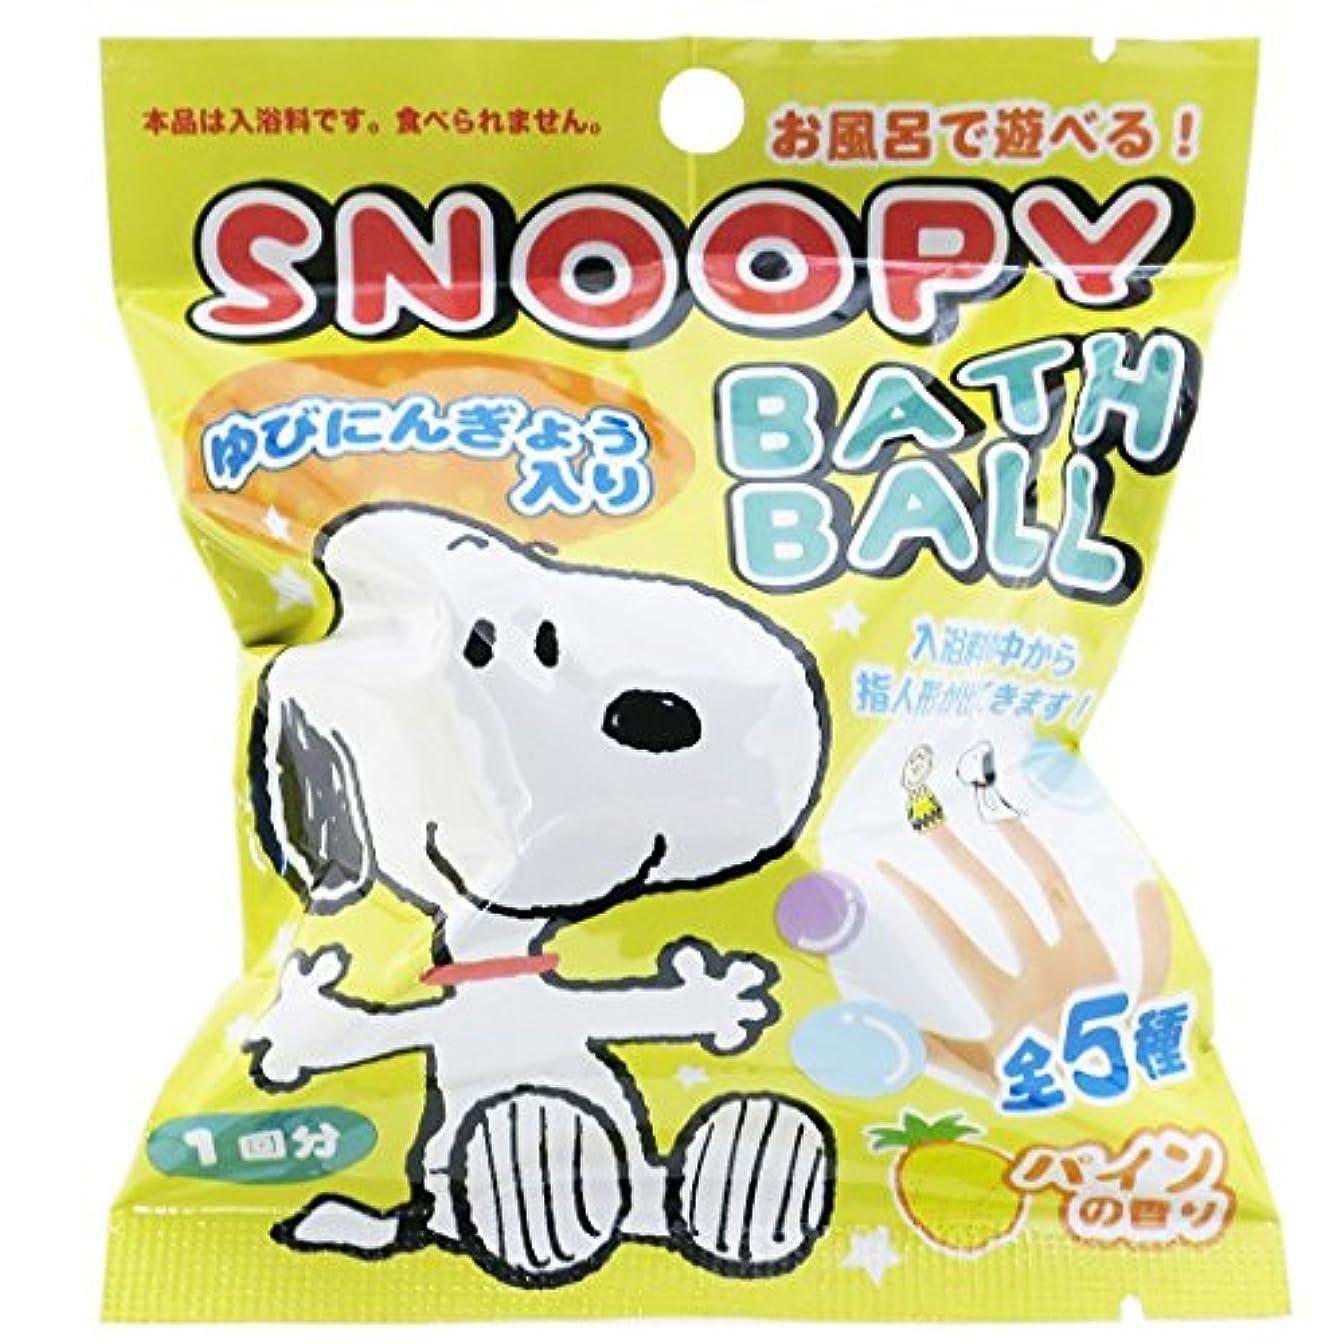 順番ネズミ広々としたスヌーピ 指人形入りバスボール パインの香り 80g 1個入